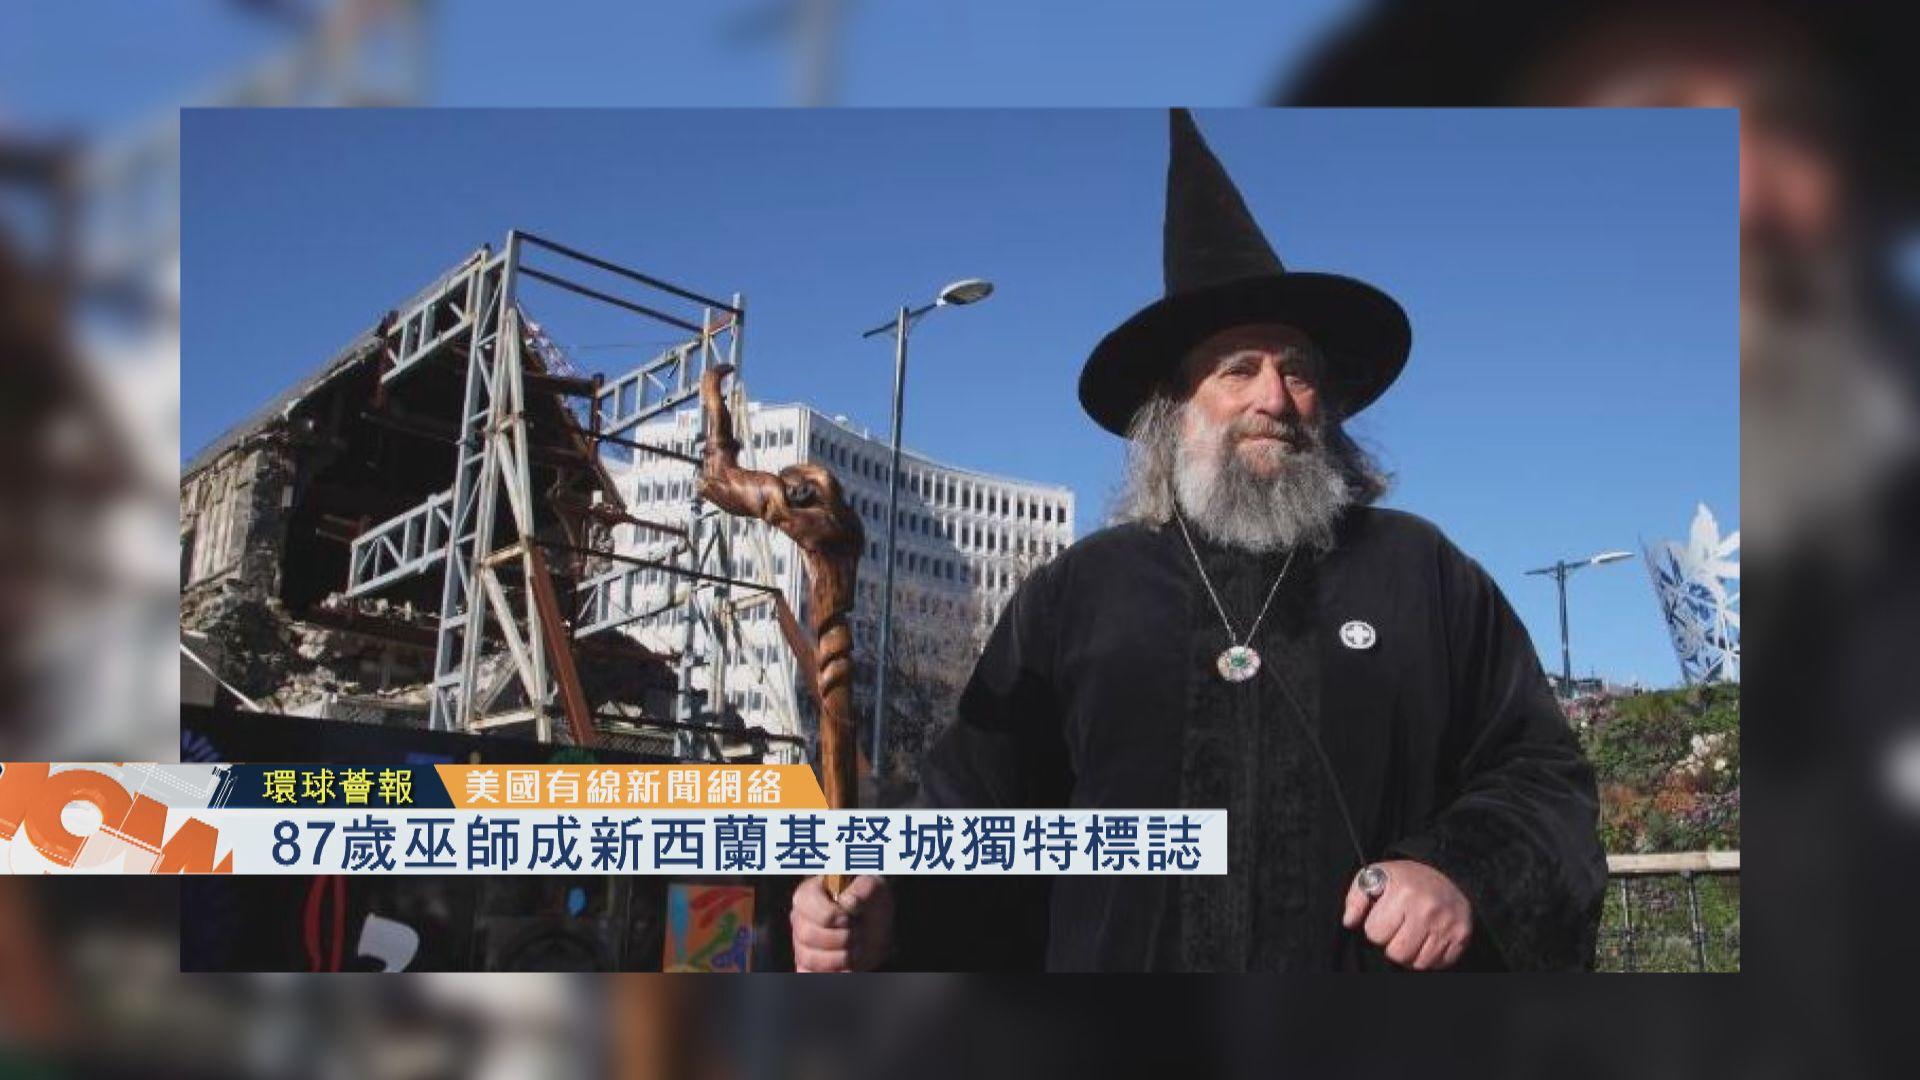 【環球薈報】87歲巫師成新西蘭基督城獨特標誌